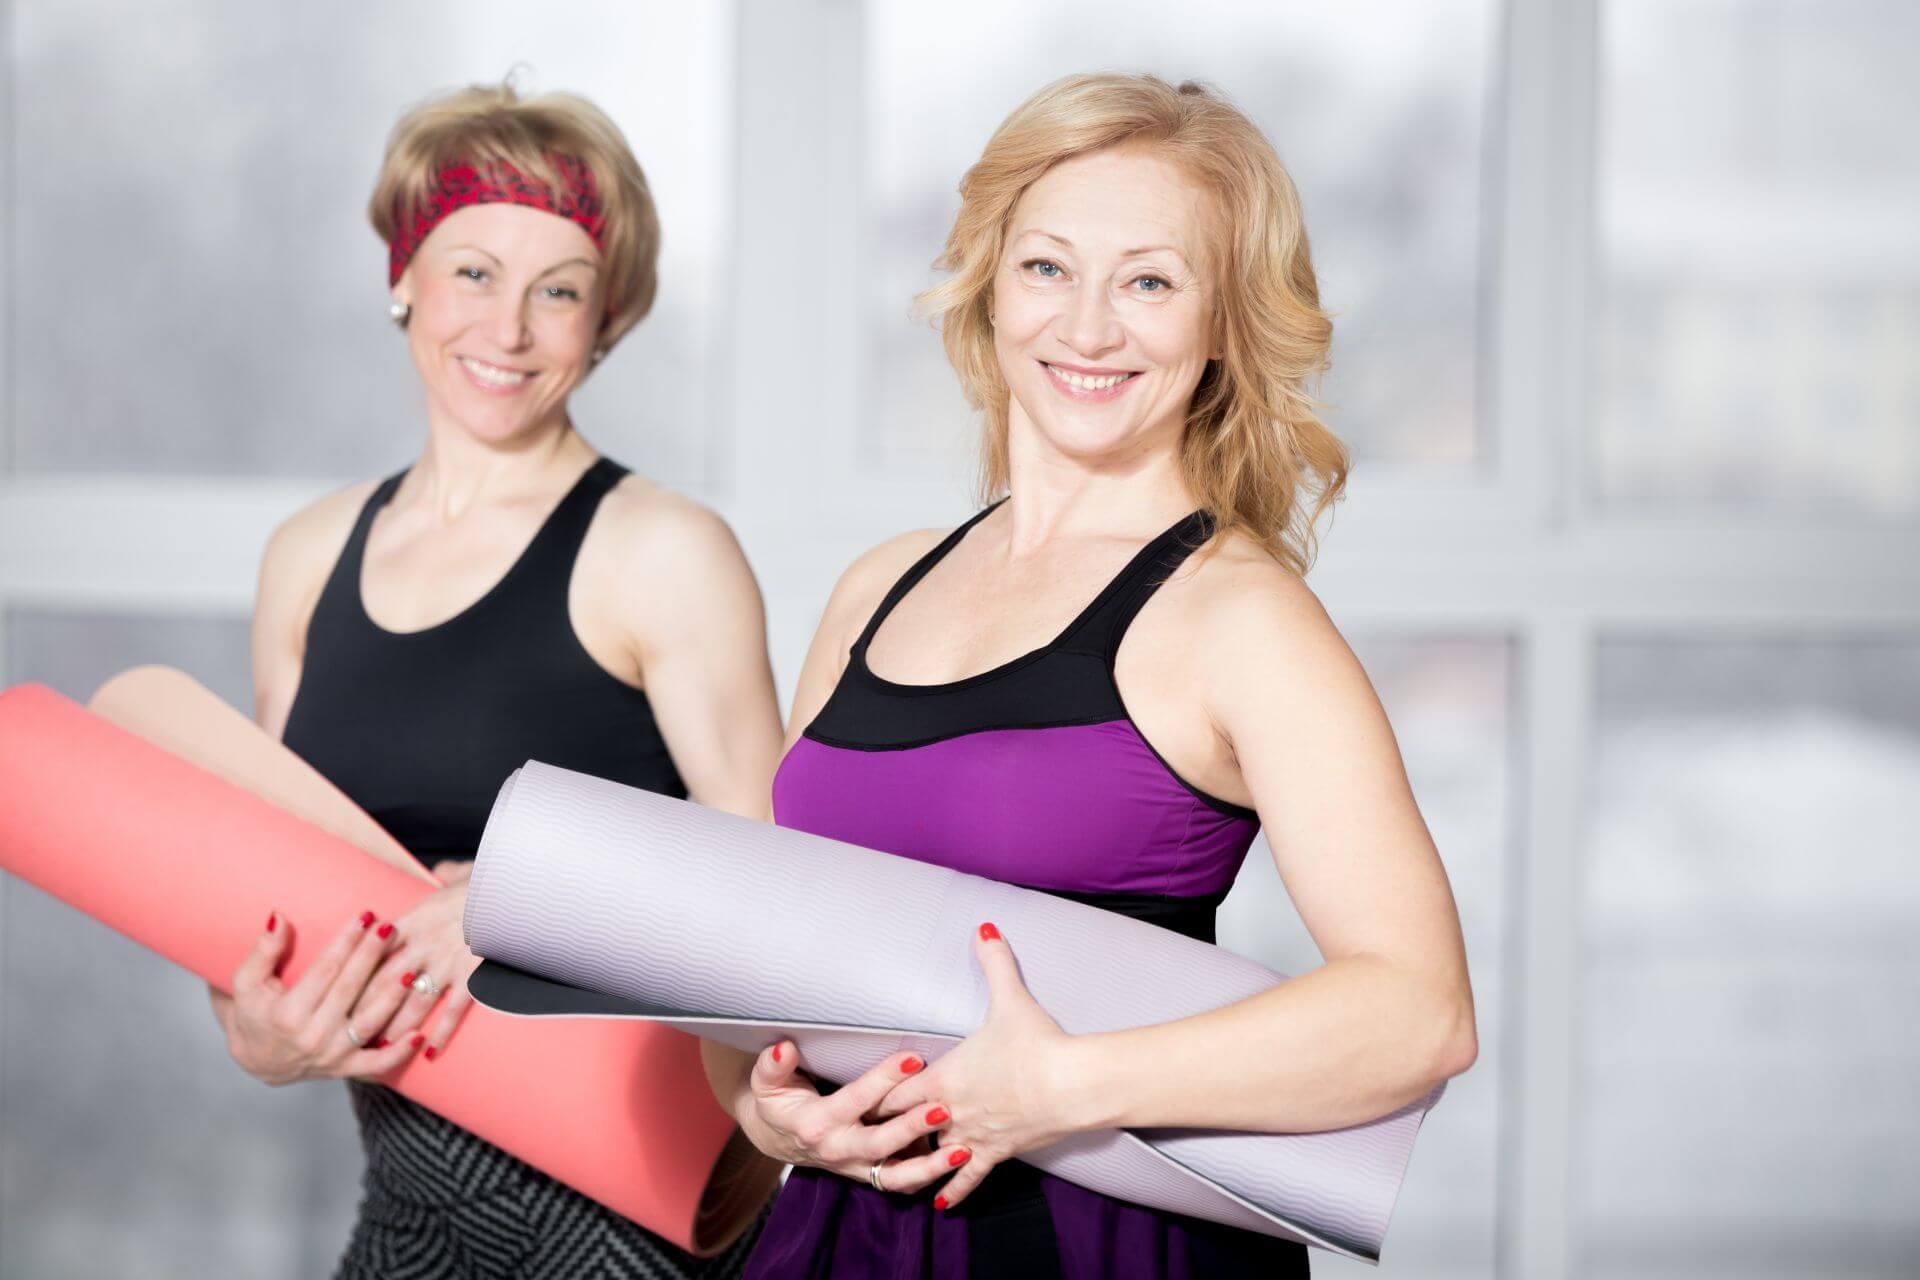 Как Взрослой Женщине Похудеть. Как похудеть после 50 лет: пошаговая инструкция